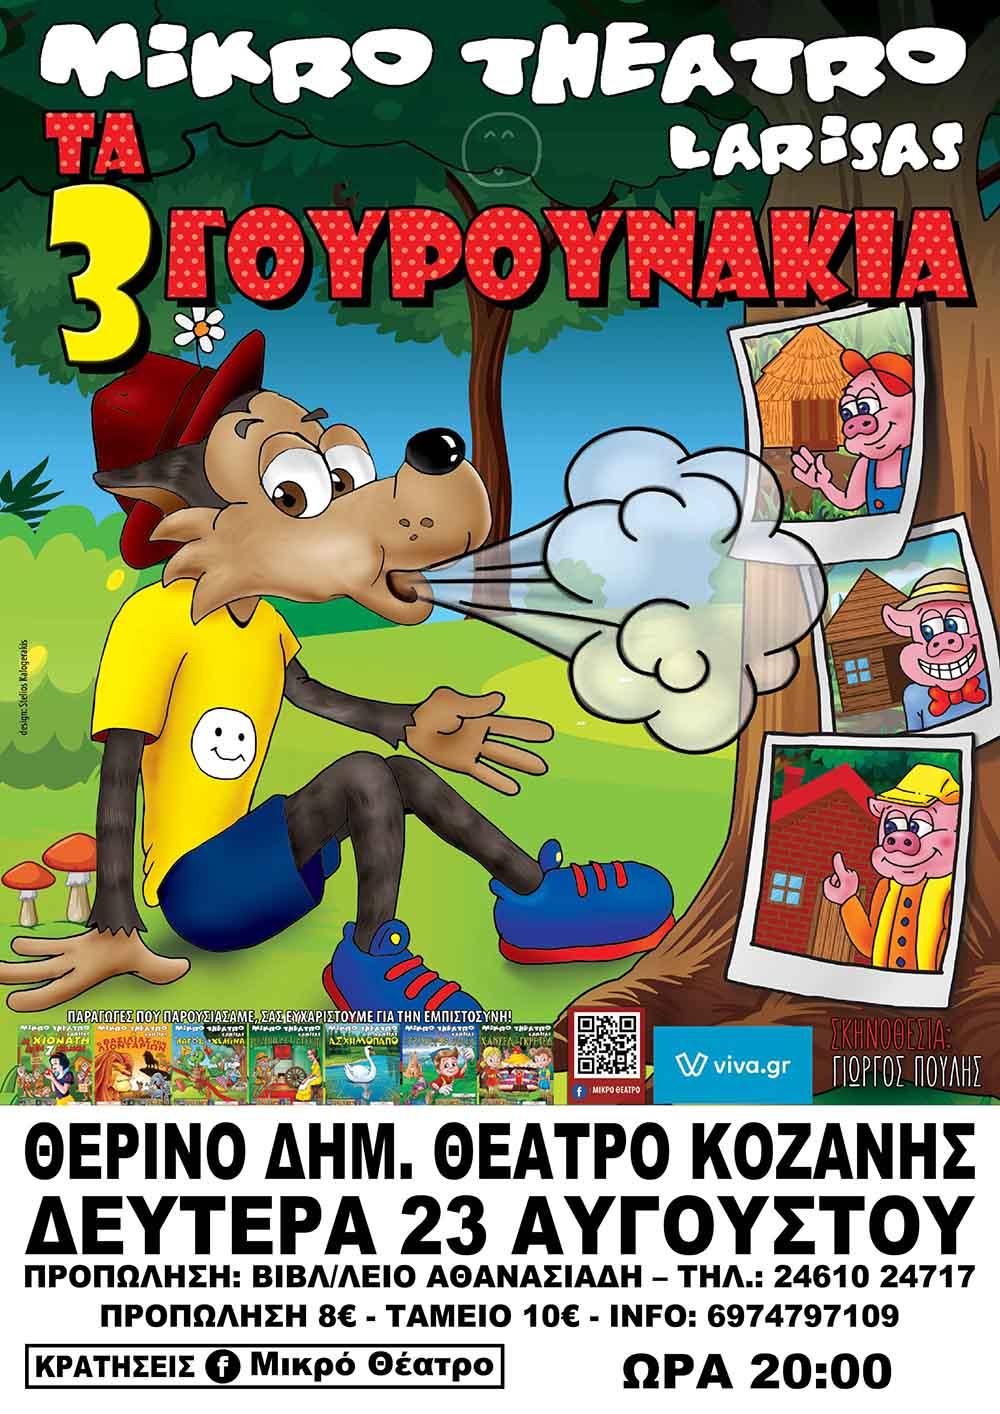 Ο Λύκος & Τα 3 Γουρουνάκια σε Κοζάνη & Πτολεμαΐδα